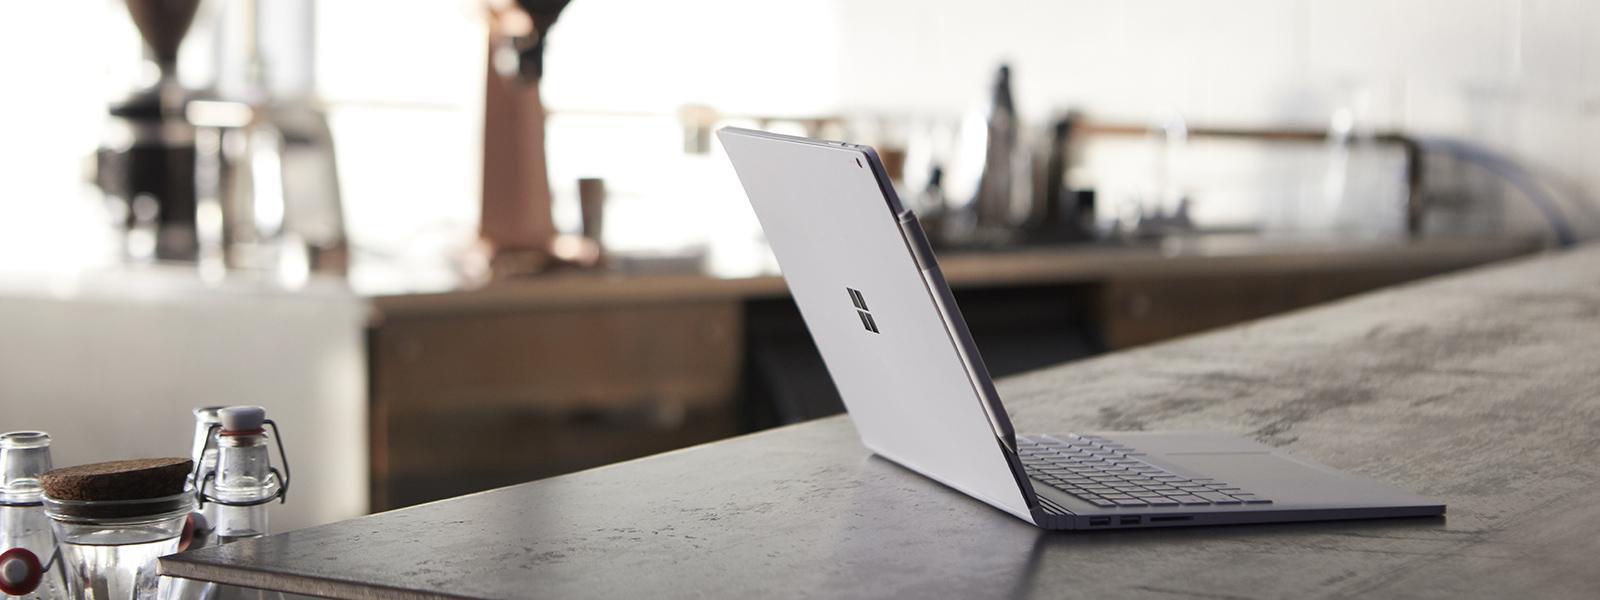 Surface Book 2 mit Surface Pen auf einem Tisch